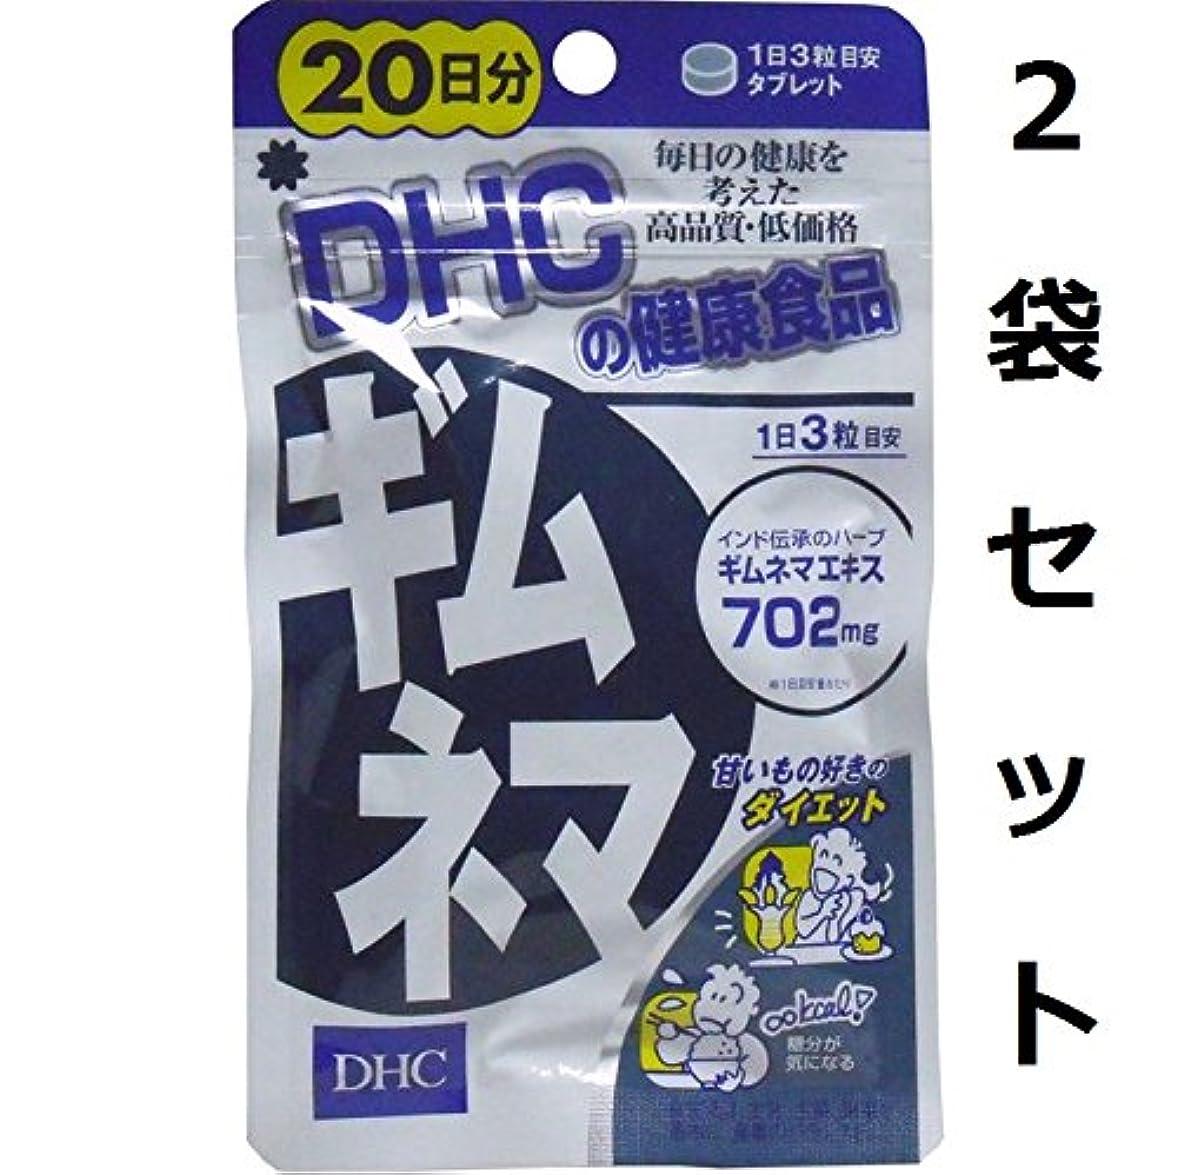 南東カセット海洋の糖分や炭水化物を多く摂る人に DHC ギムネマ 20日分 60粒 2袋セット